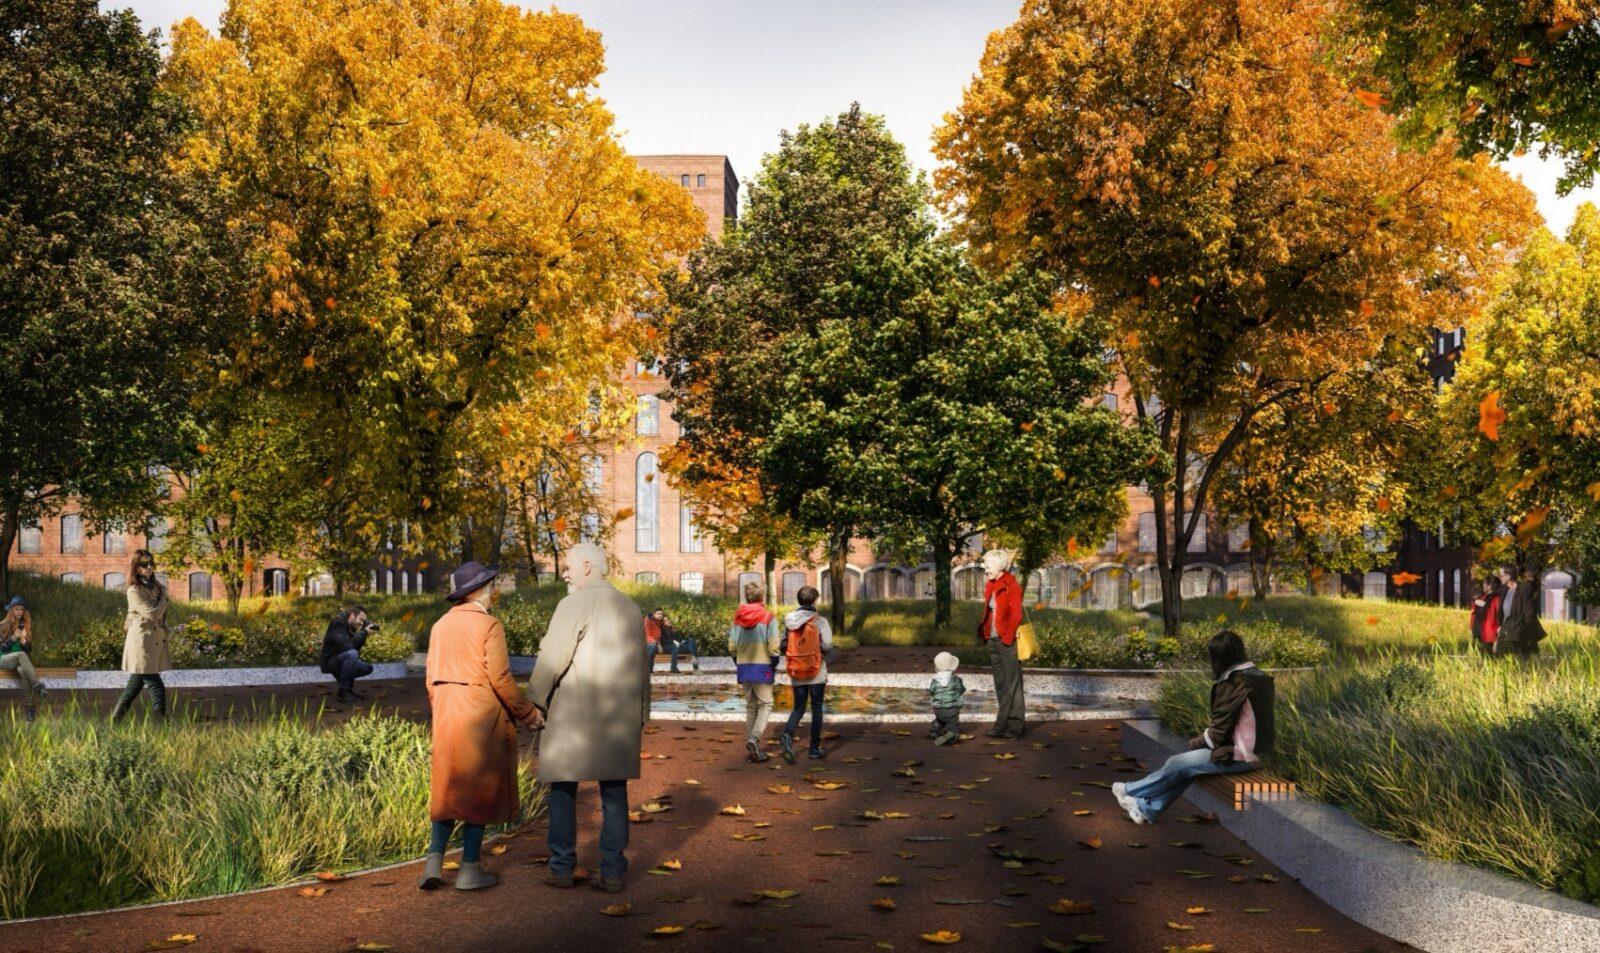 Опубликованы эскизы будущего Морозовского городка в Твери